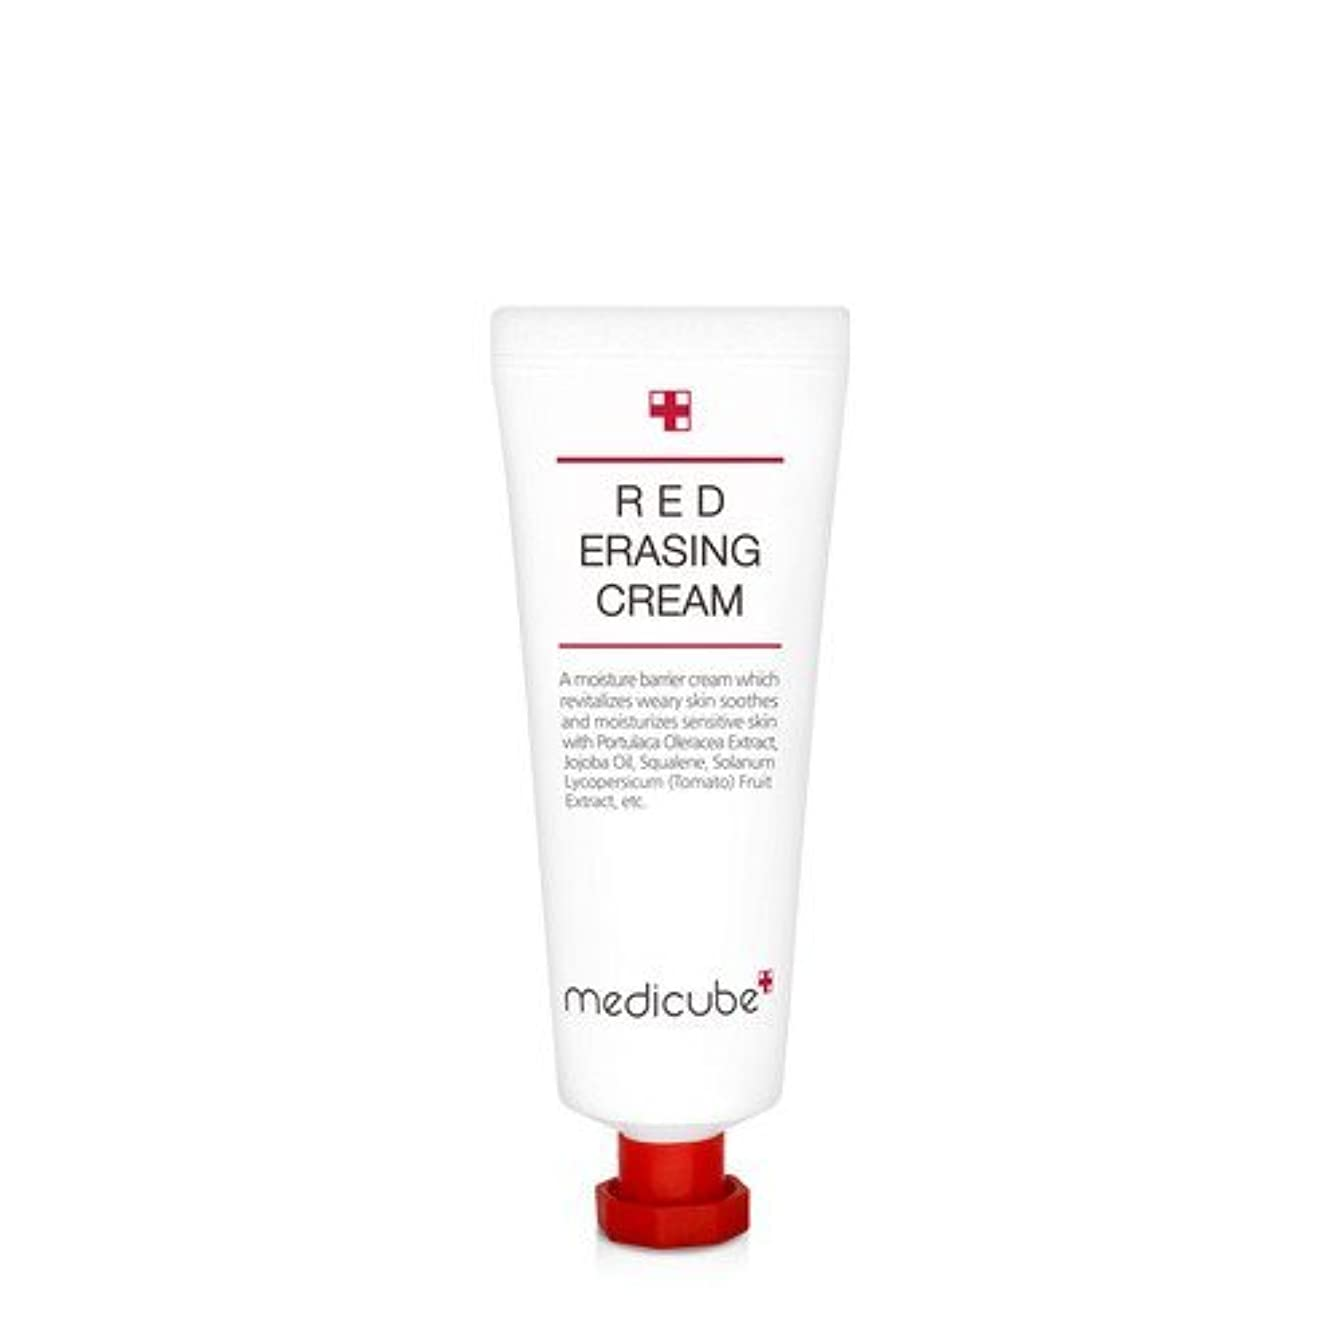 ソーダ水事業内容文[Medicube]Red Erasing Cream 50g / メディキューブレッドイレイジングクリーム / 正品?海外直送商品 [並行輸入品]